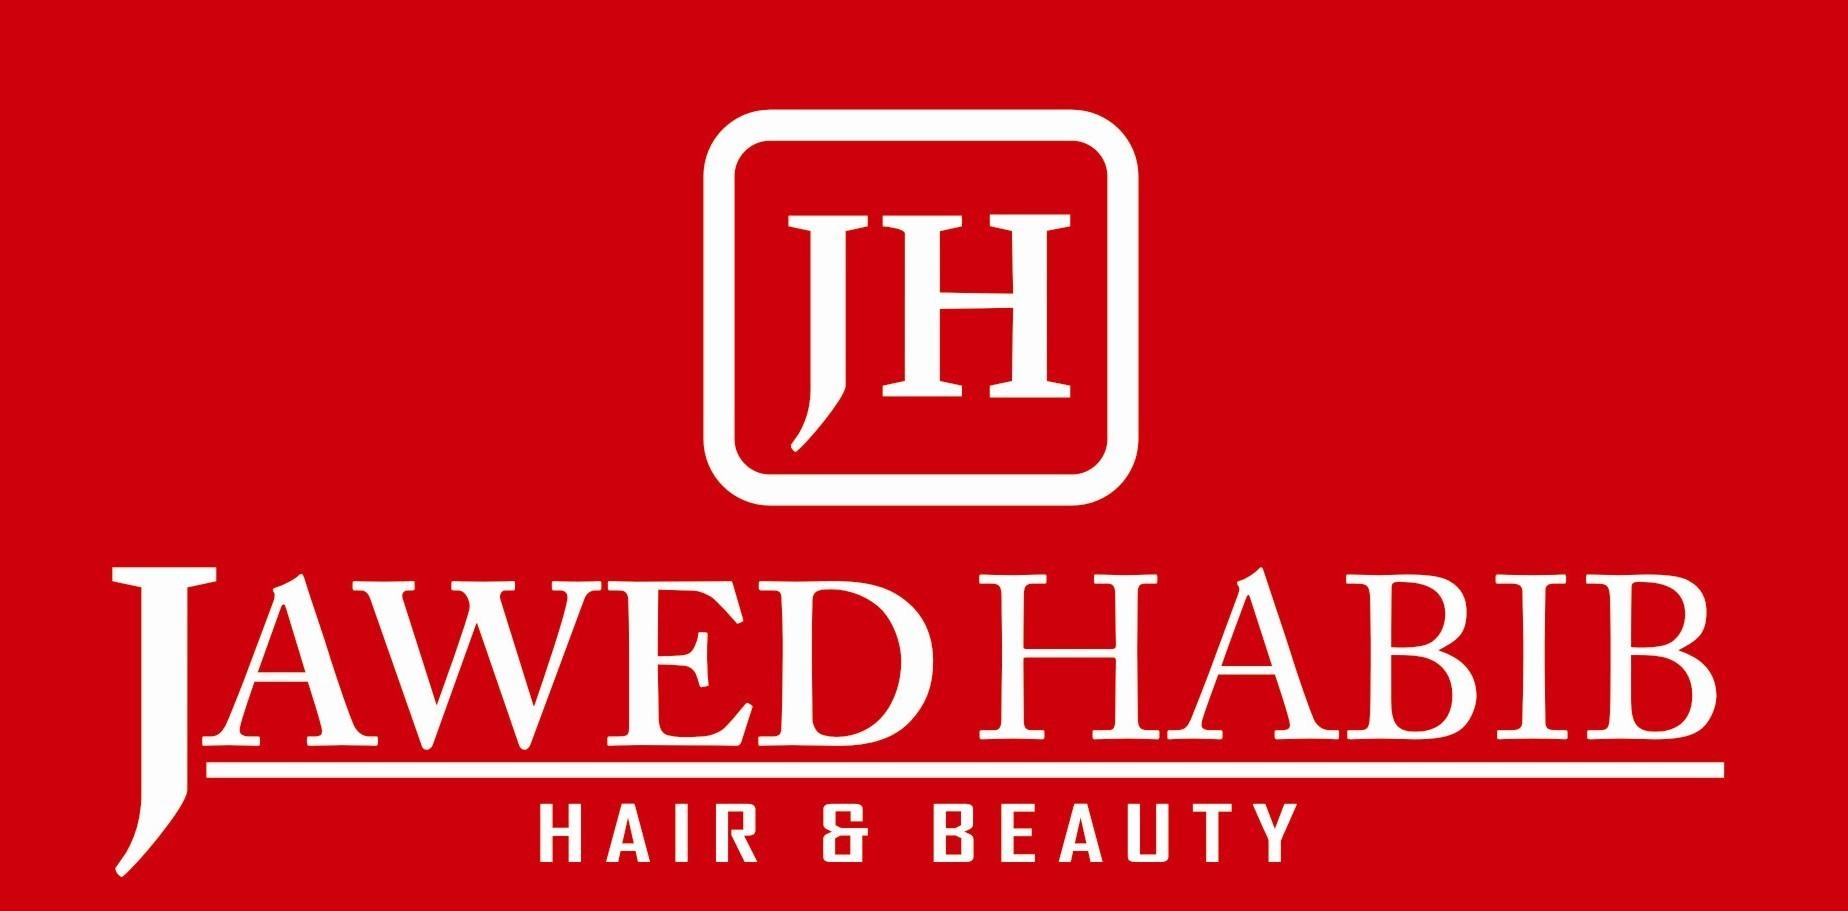 Jawed Habib Hair & Beauty Salons - Kalyani Nagar - Pune Image